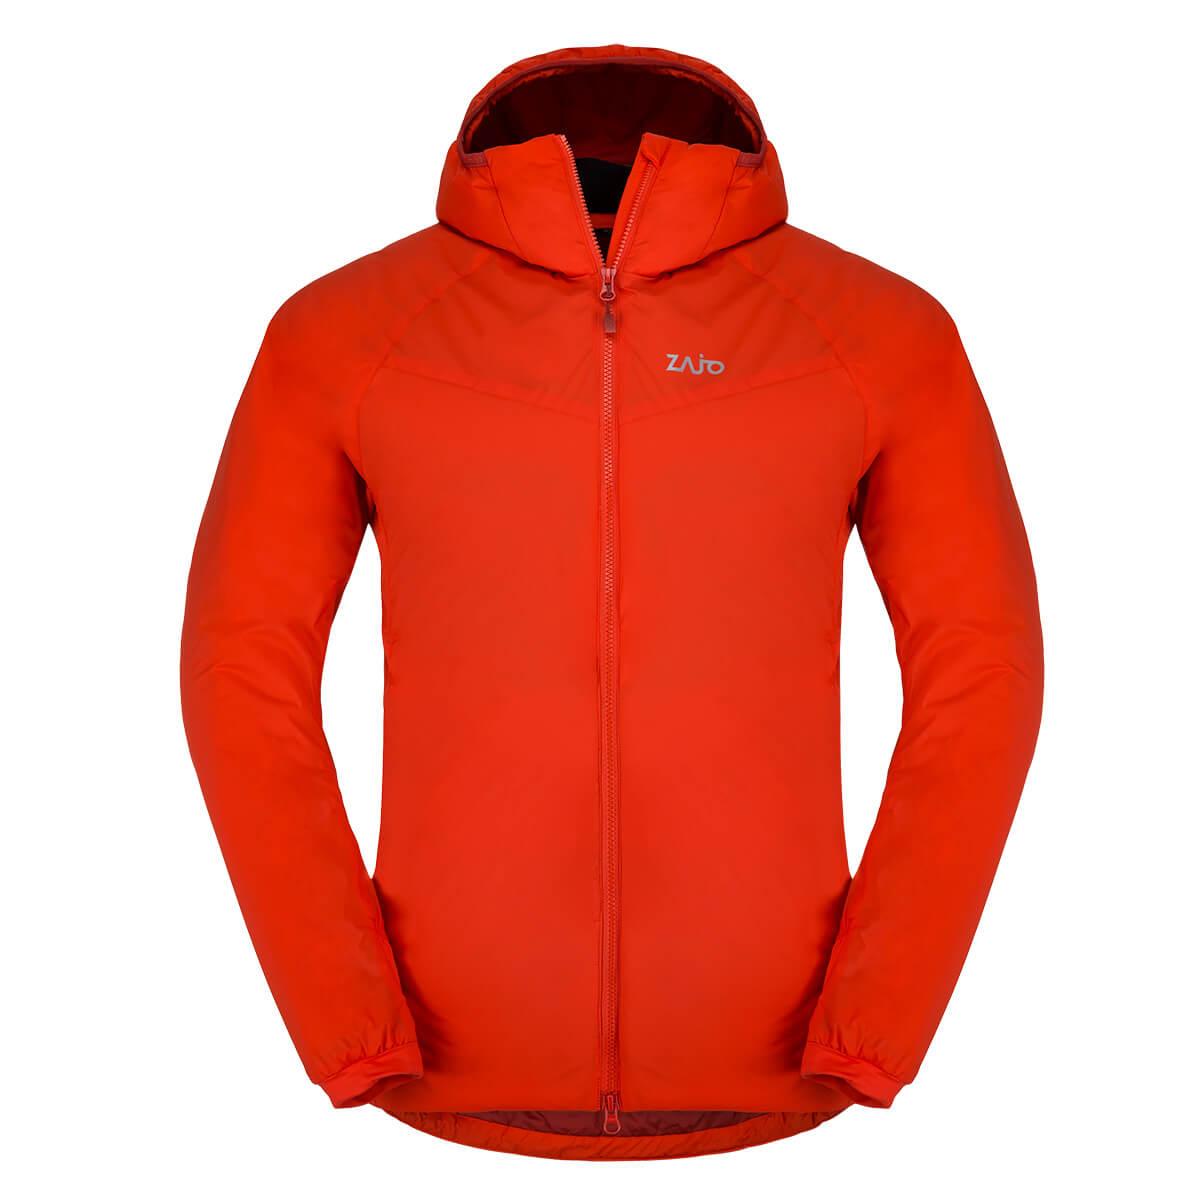 e1053ea42153 Pánska bunda Zajo Narvik JKT Red - veľkosť L